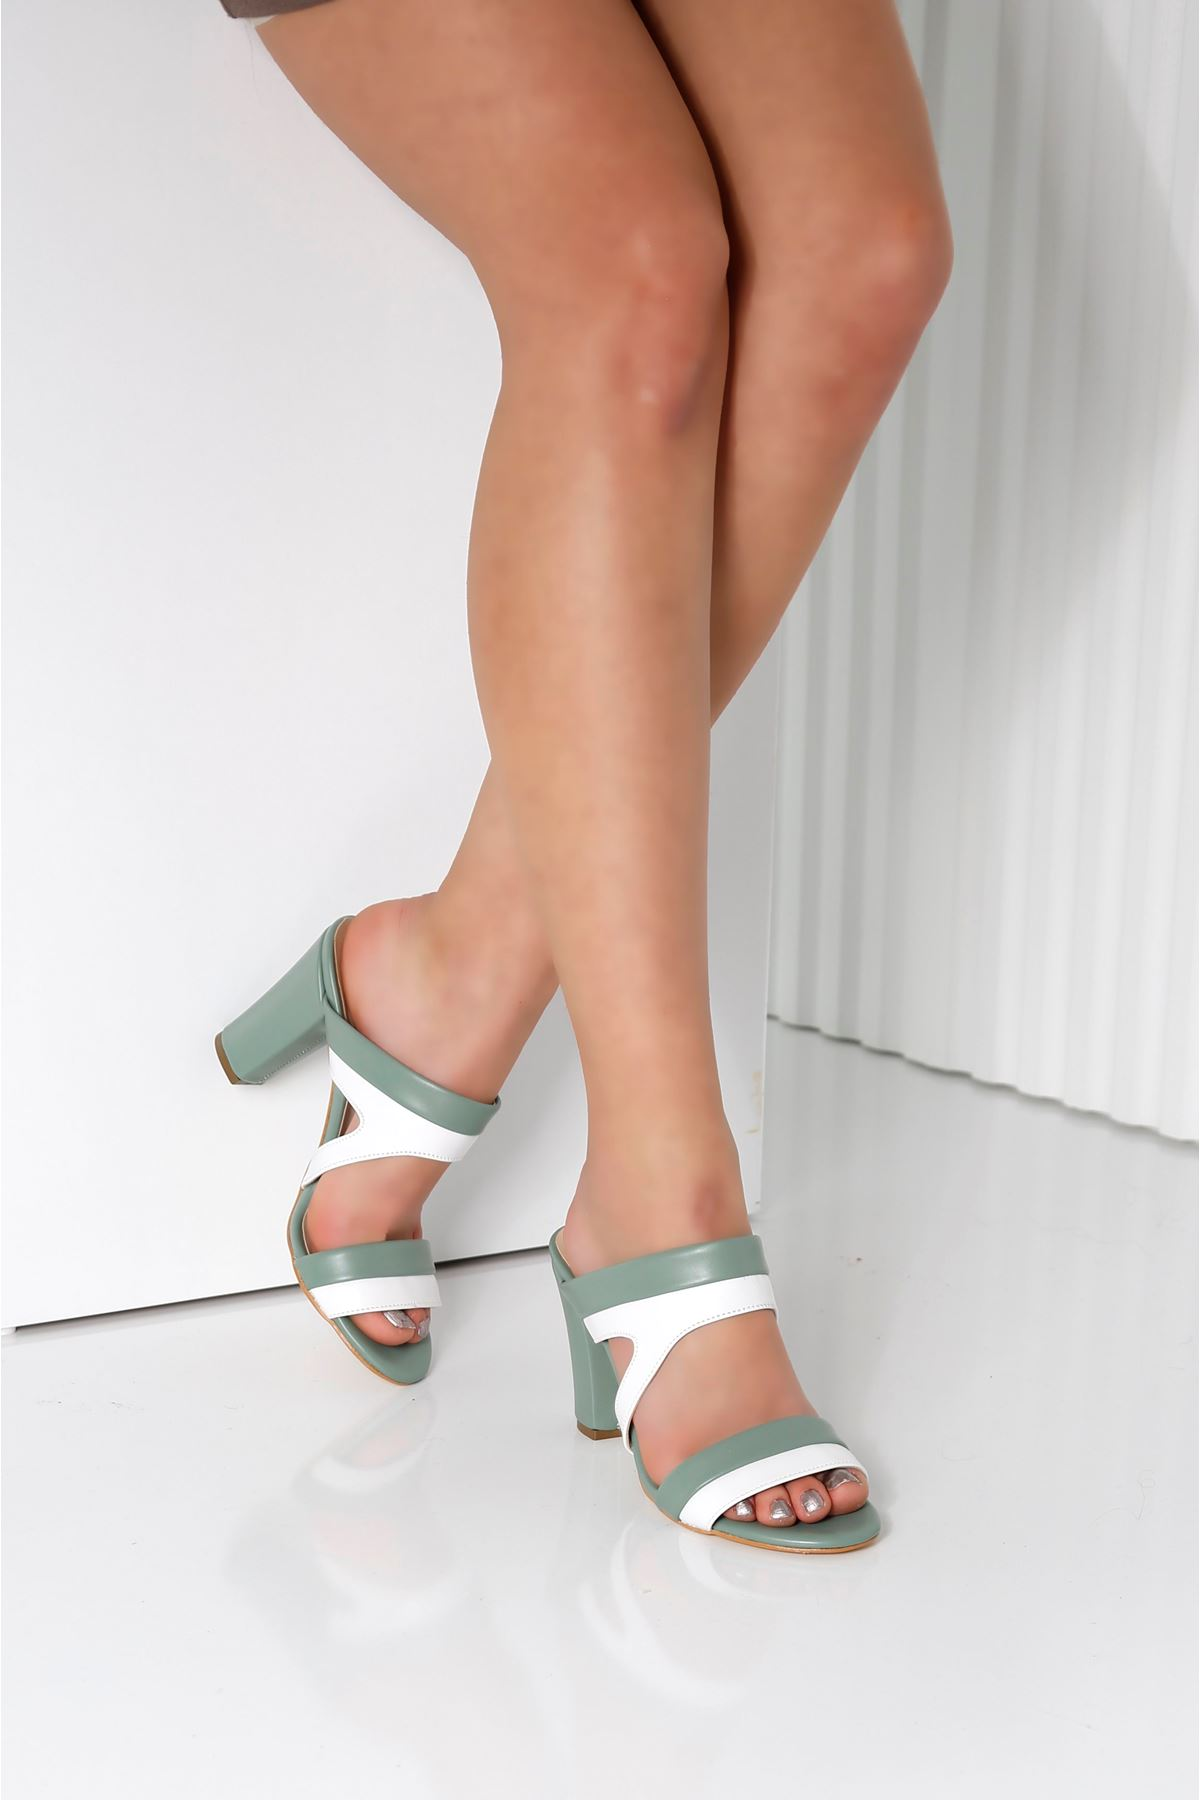 EDINA Mint Yeşili Topuklu Kadın Terlik